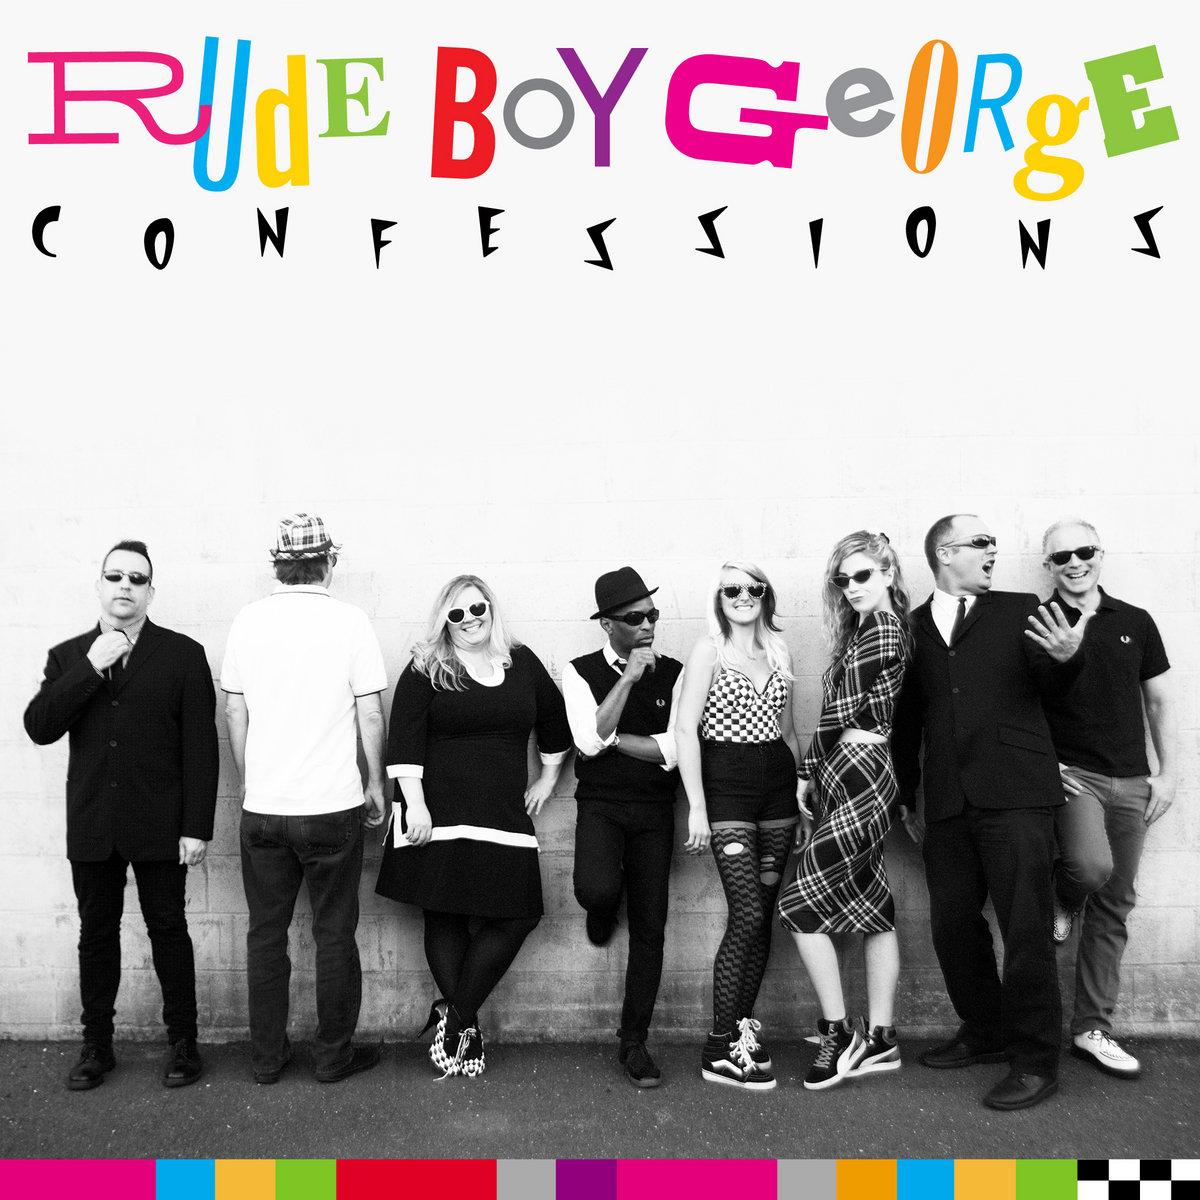 Resultado de imagen para Rude Boy George - Confessions 2014